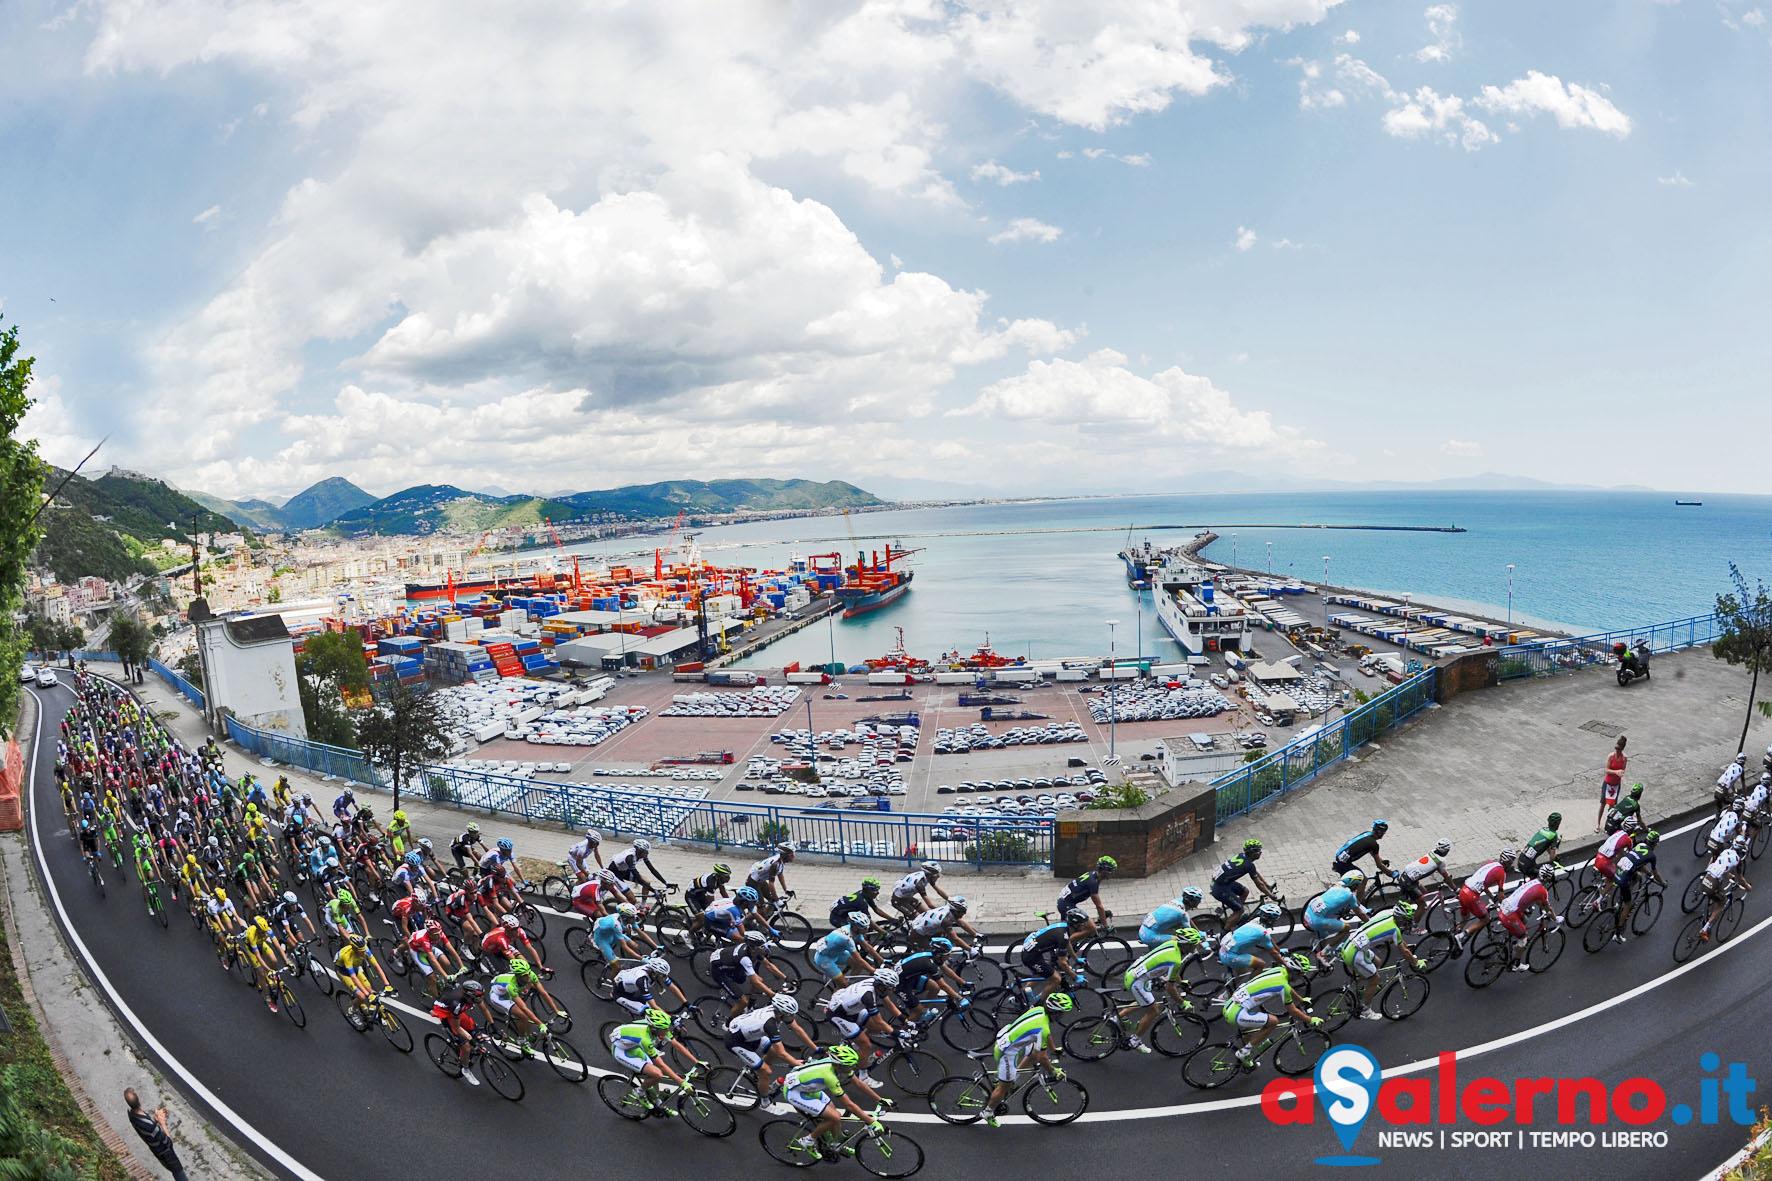 15 05 2014 Salerno Giro d'italia passaggio a salero